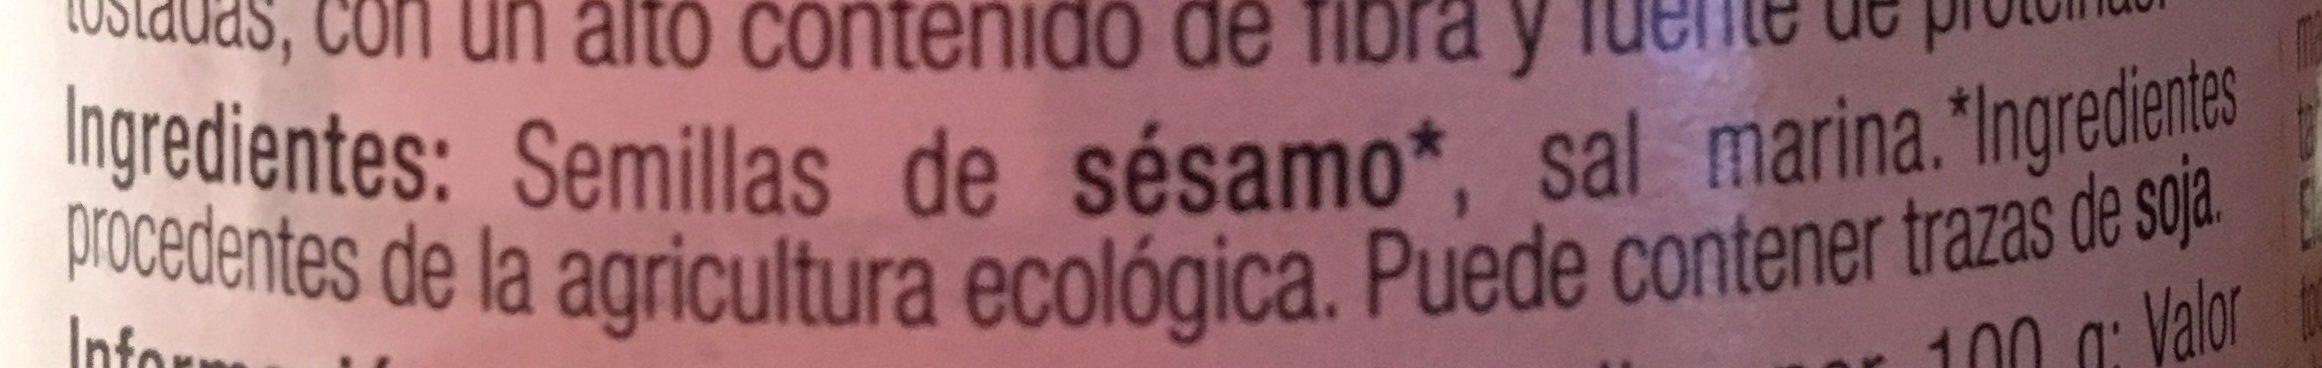 Bio tahin crema de sesámo ecológica - Ingredientes - es